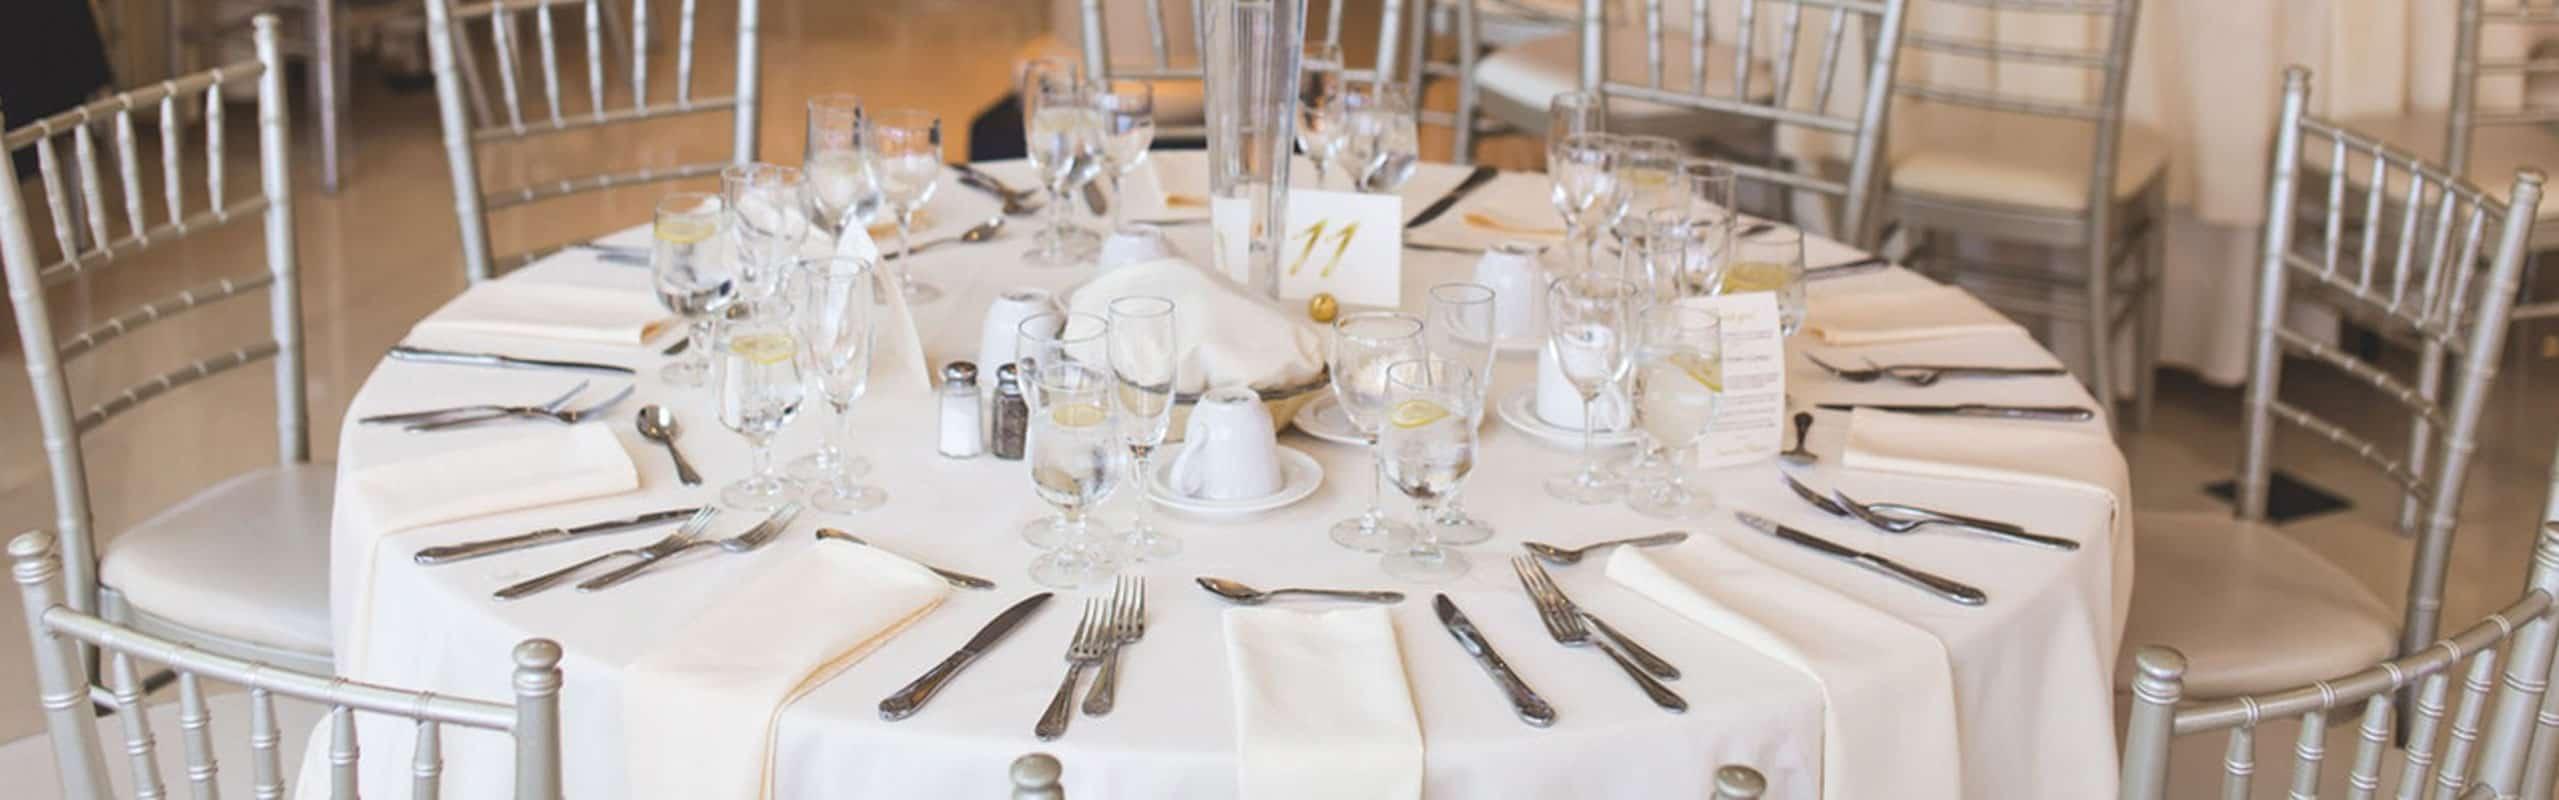 Conoce el menú de boda y todo lo que debes tener en cuenta